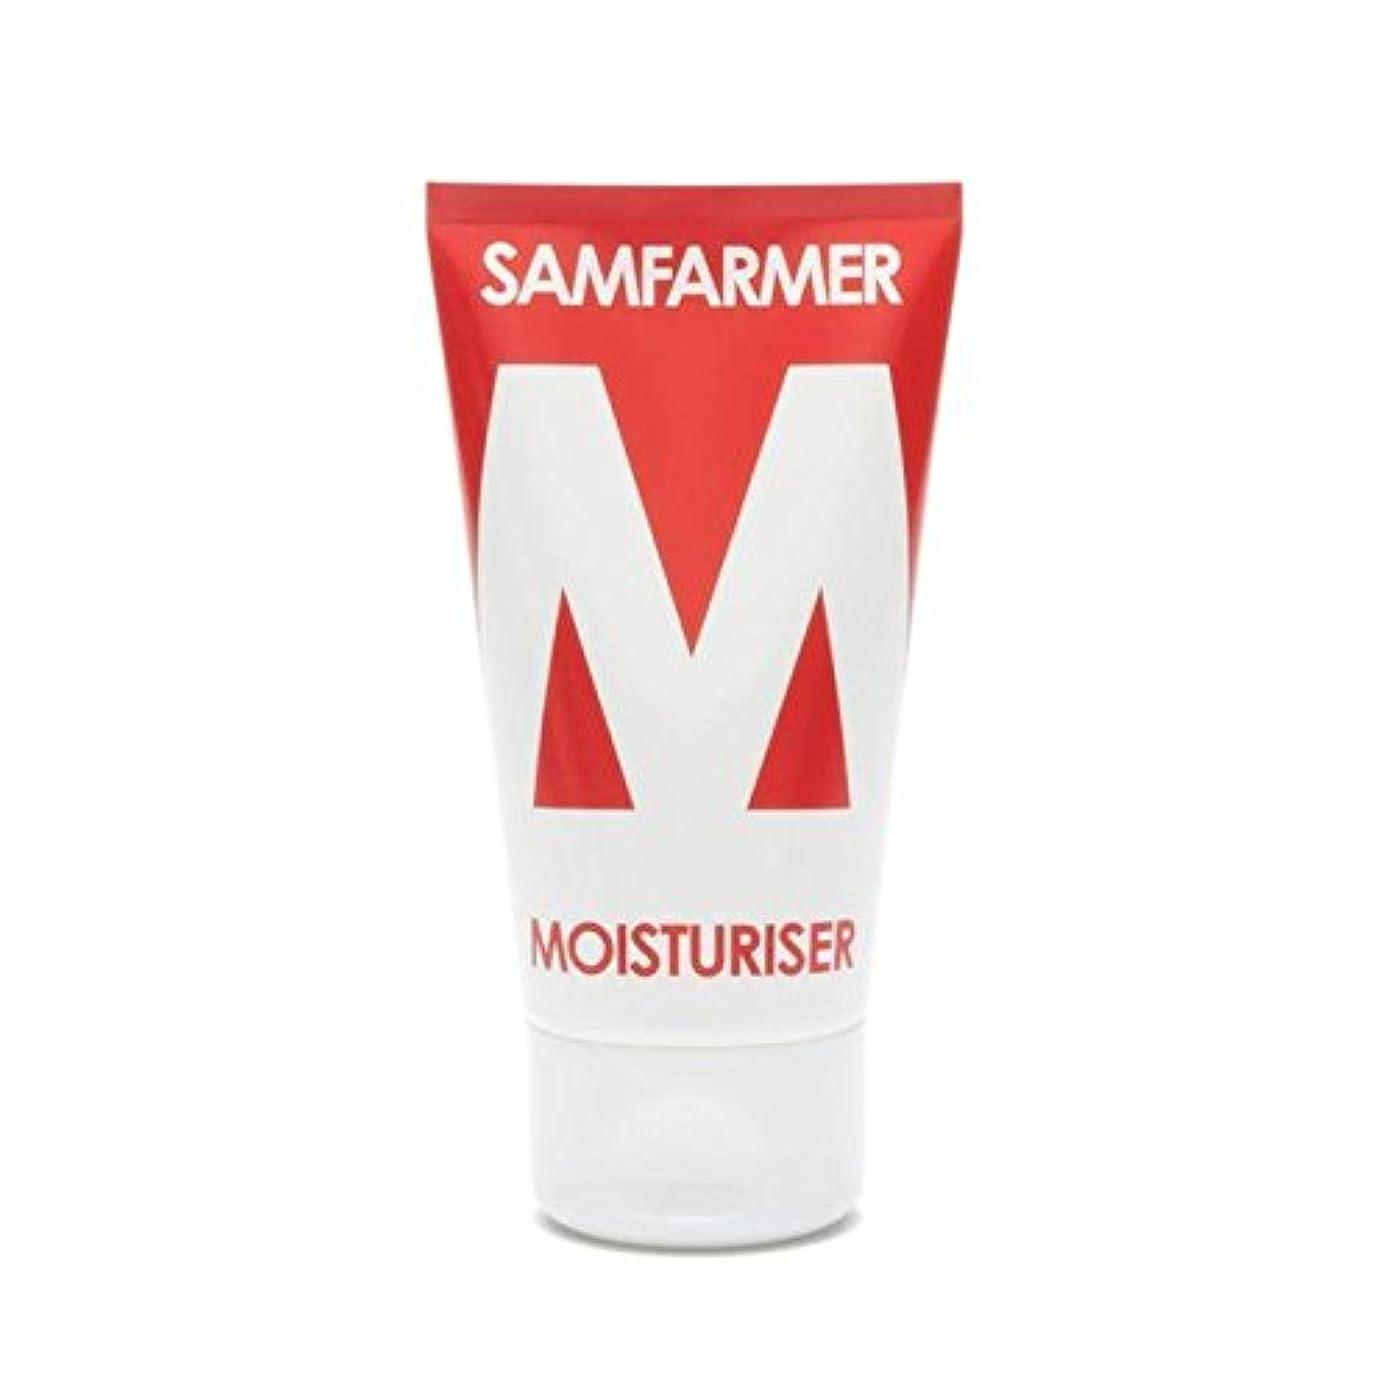 悪夢正午面倒ユニセックス保湿50ミリリットル x2 - SAMFARMER Unisex Moisturiser 50ml (Pack of 2) [並行輸入品]